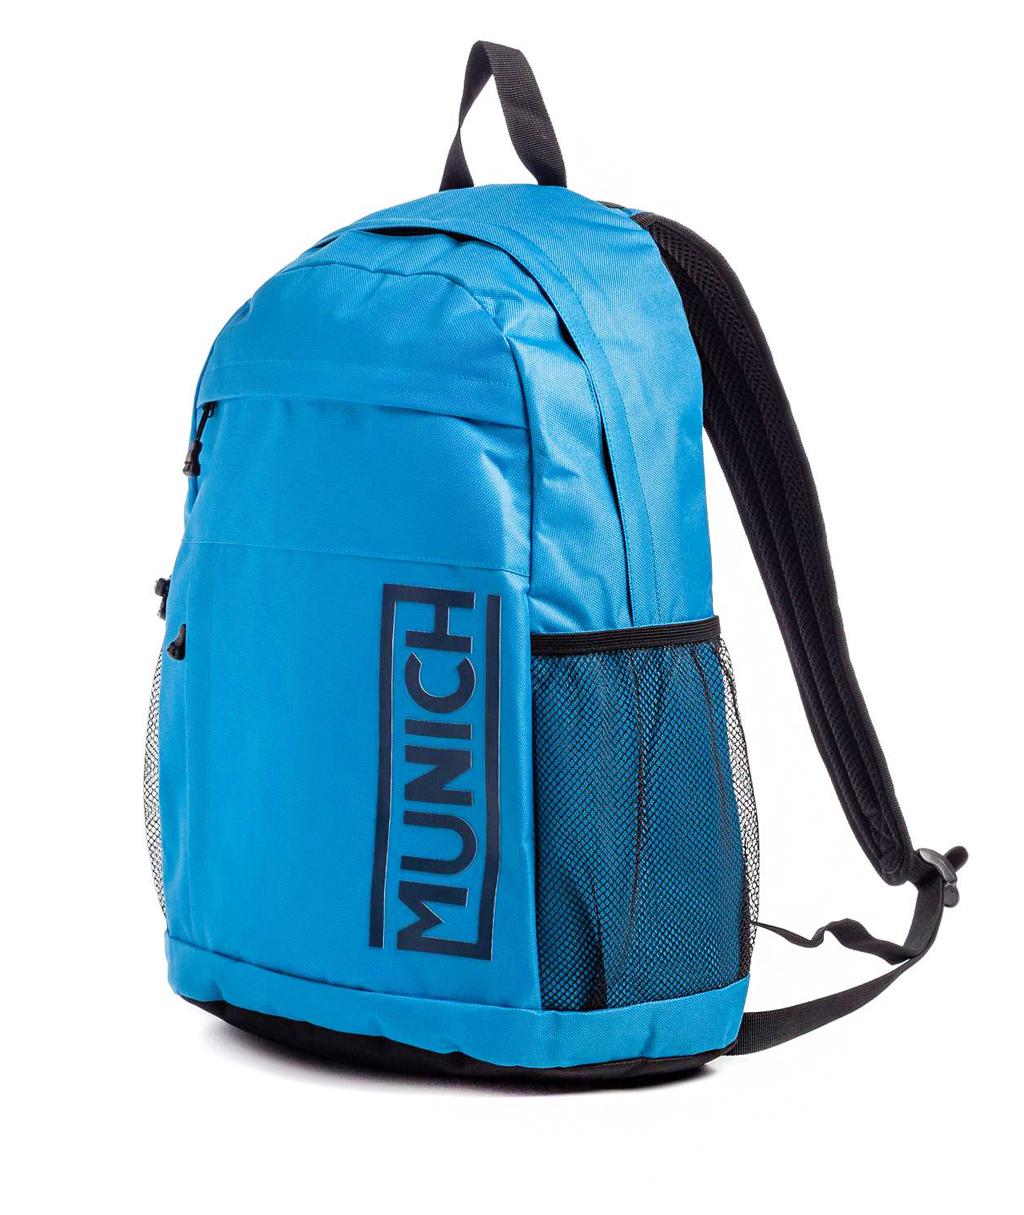 Купить синий рюкзак Munich Slim 7040077 в интернет-магазине